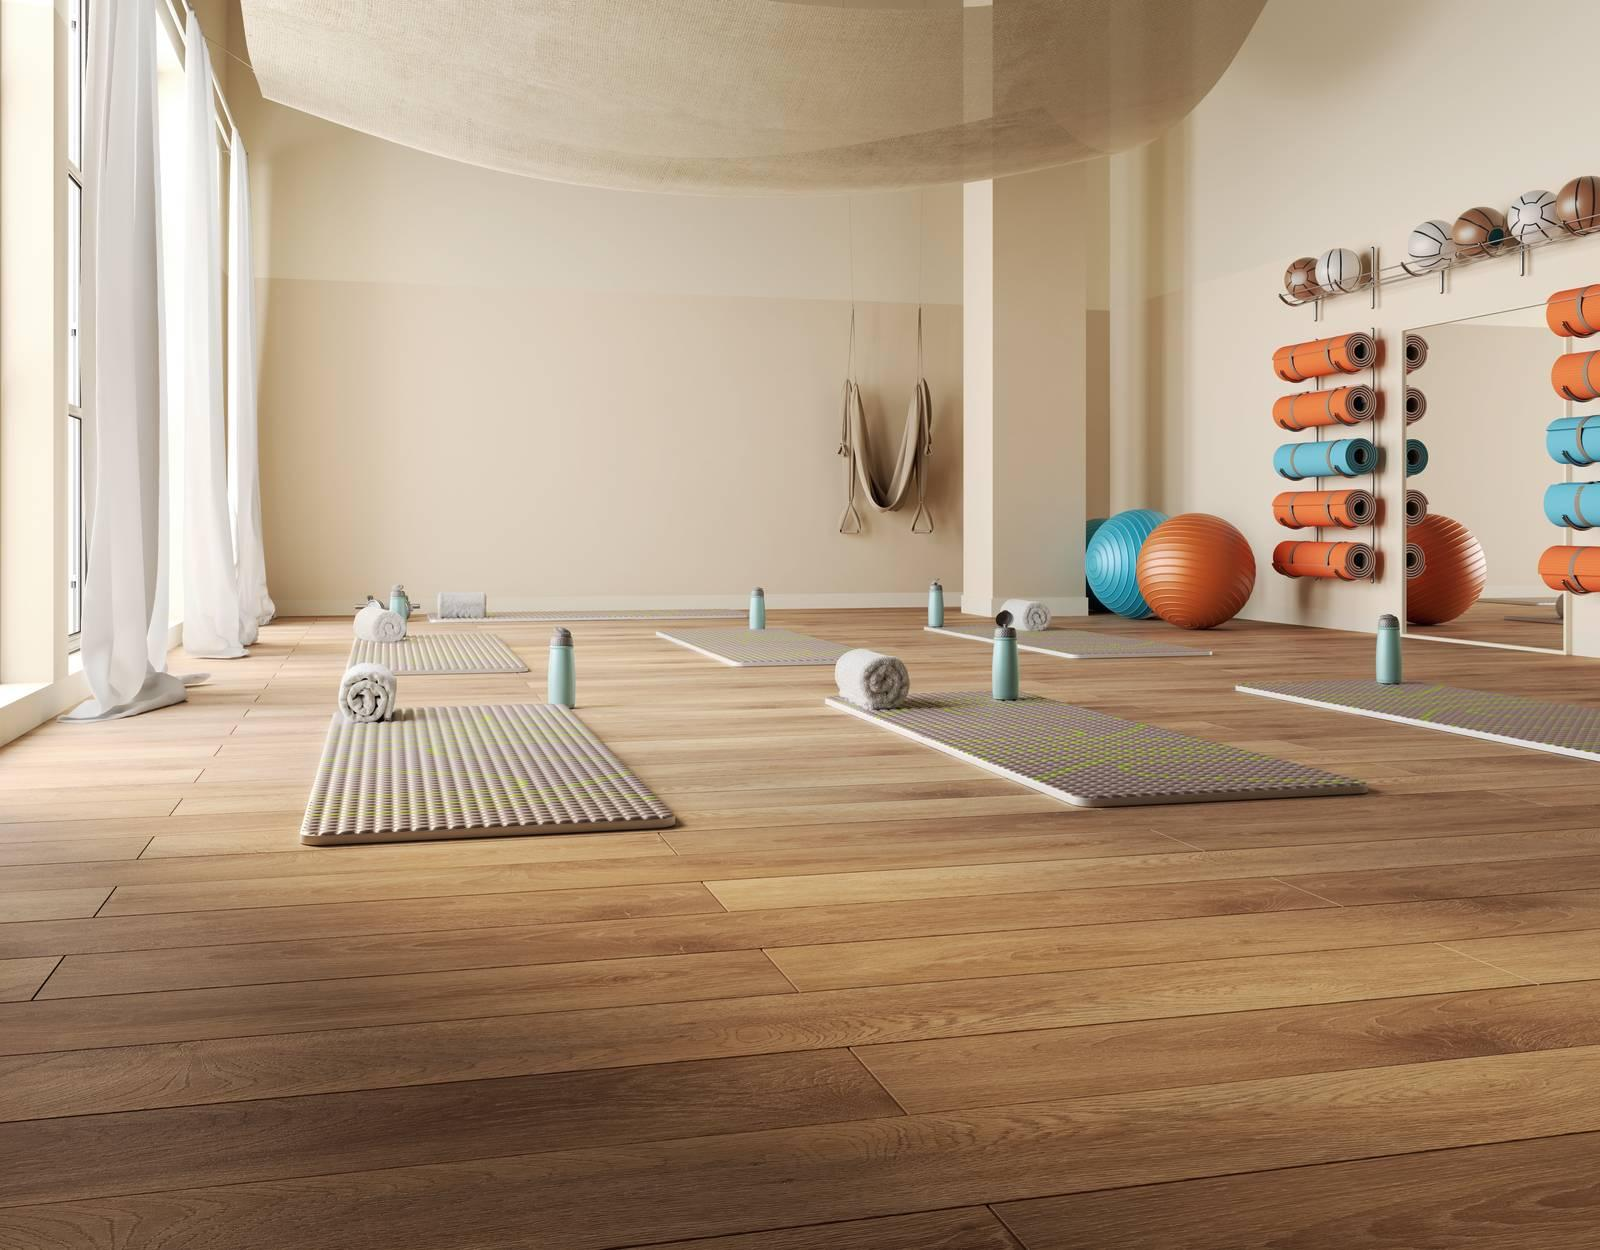 Cambiare il pavimento per avere ambienti pi accoglienti for Pavimento legno esterno leroy merlin